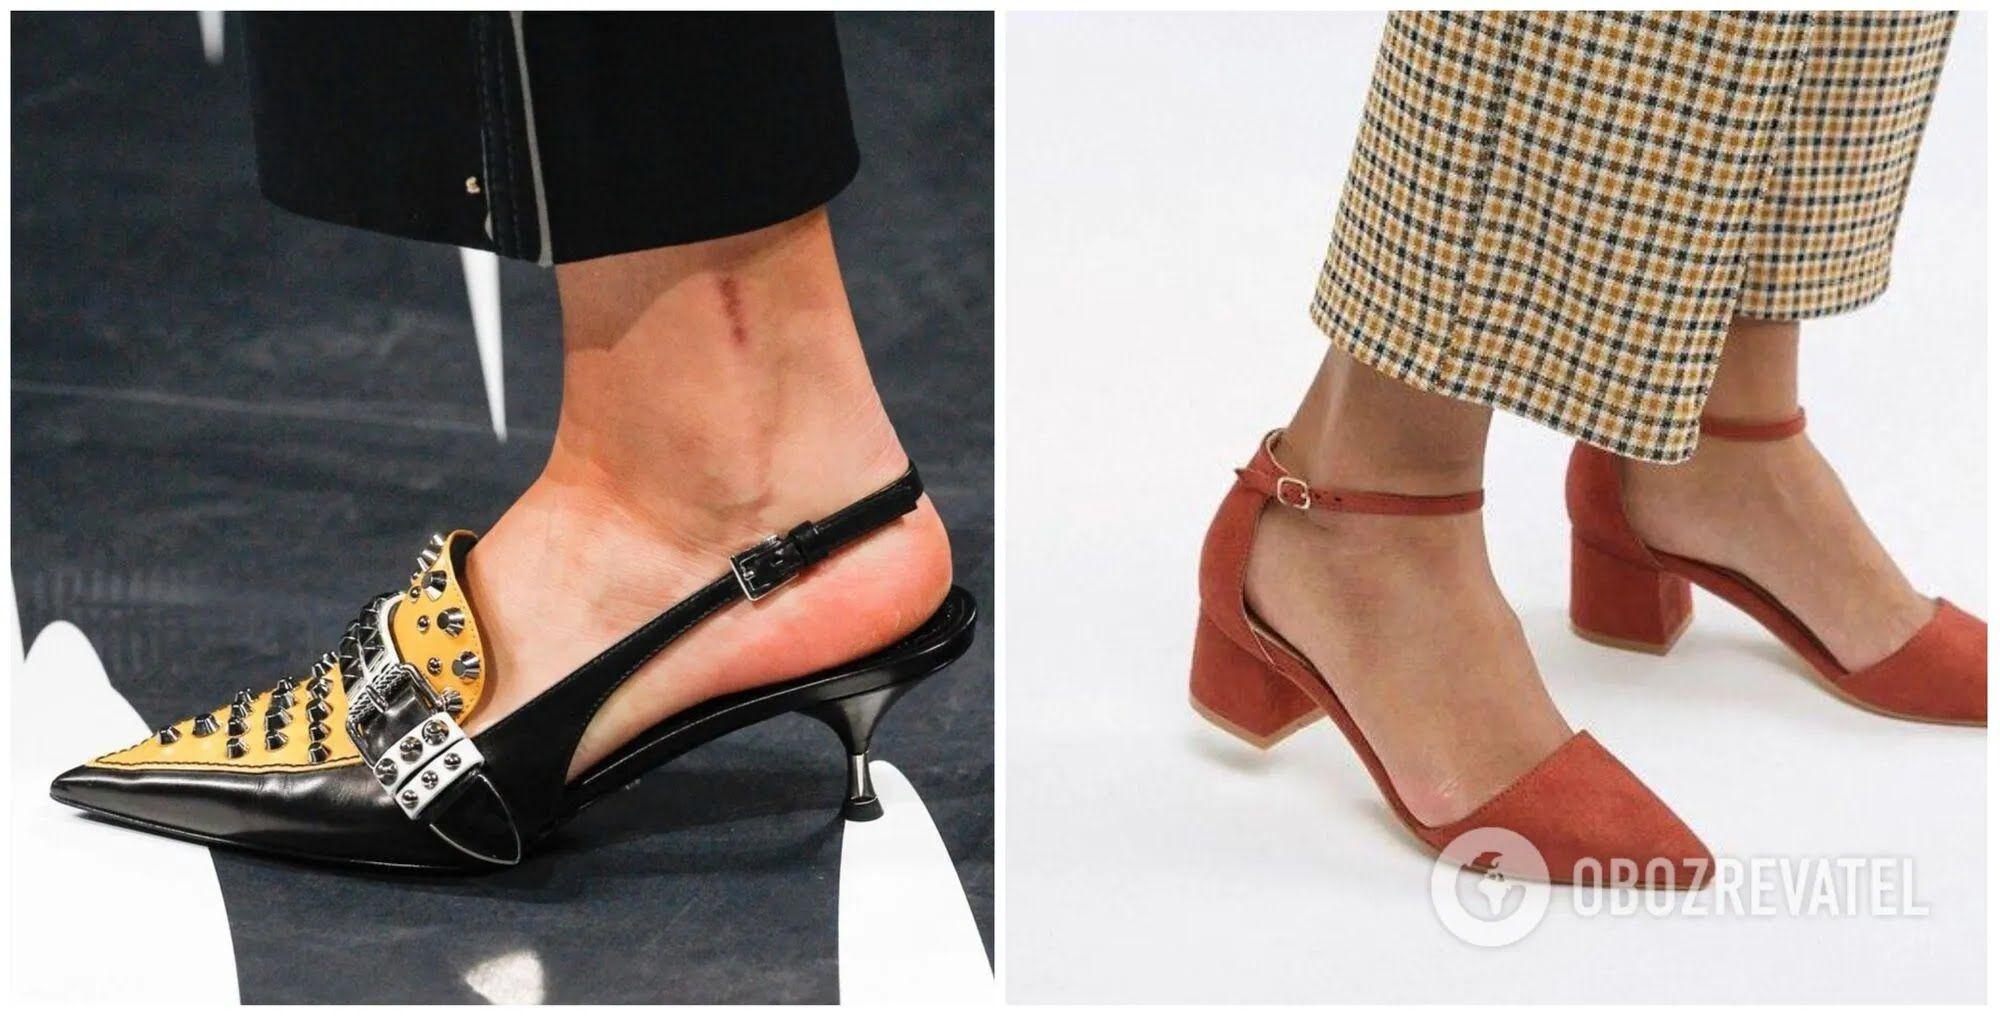 Такие туфли на невысоком трехсантиметровом каблучке создадут романтичный образ и добавят женственности.